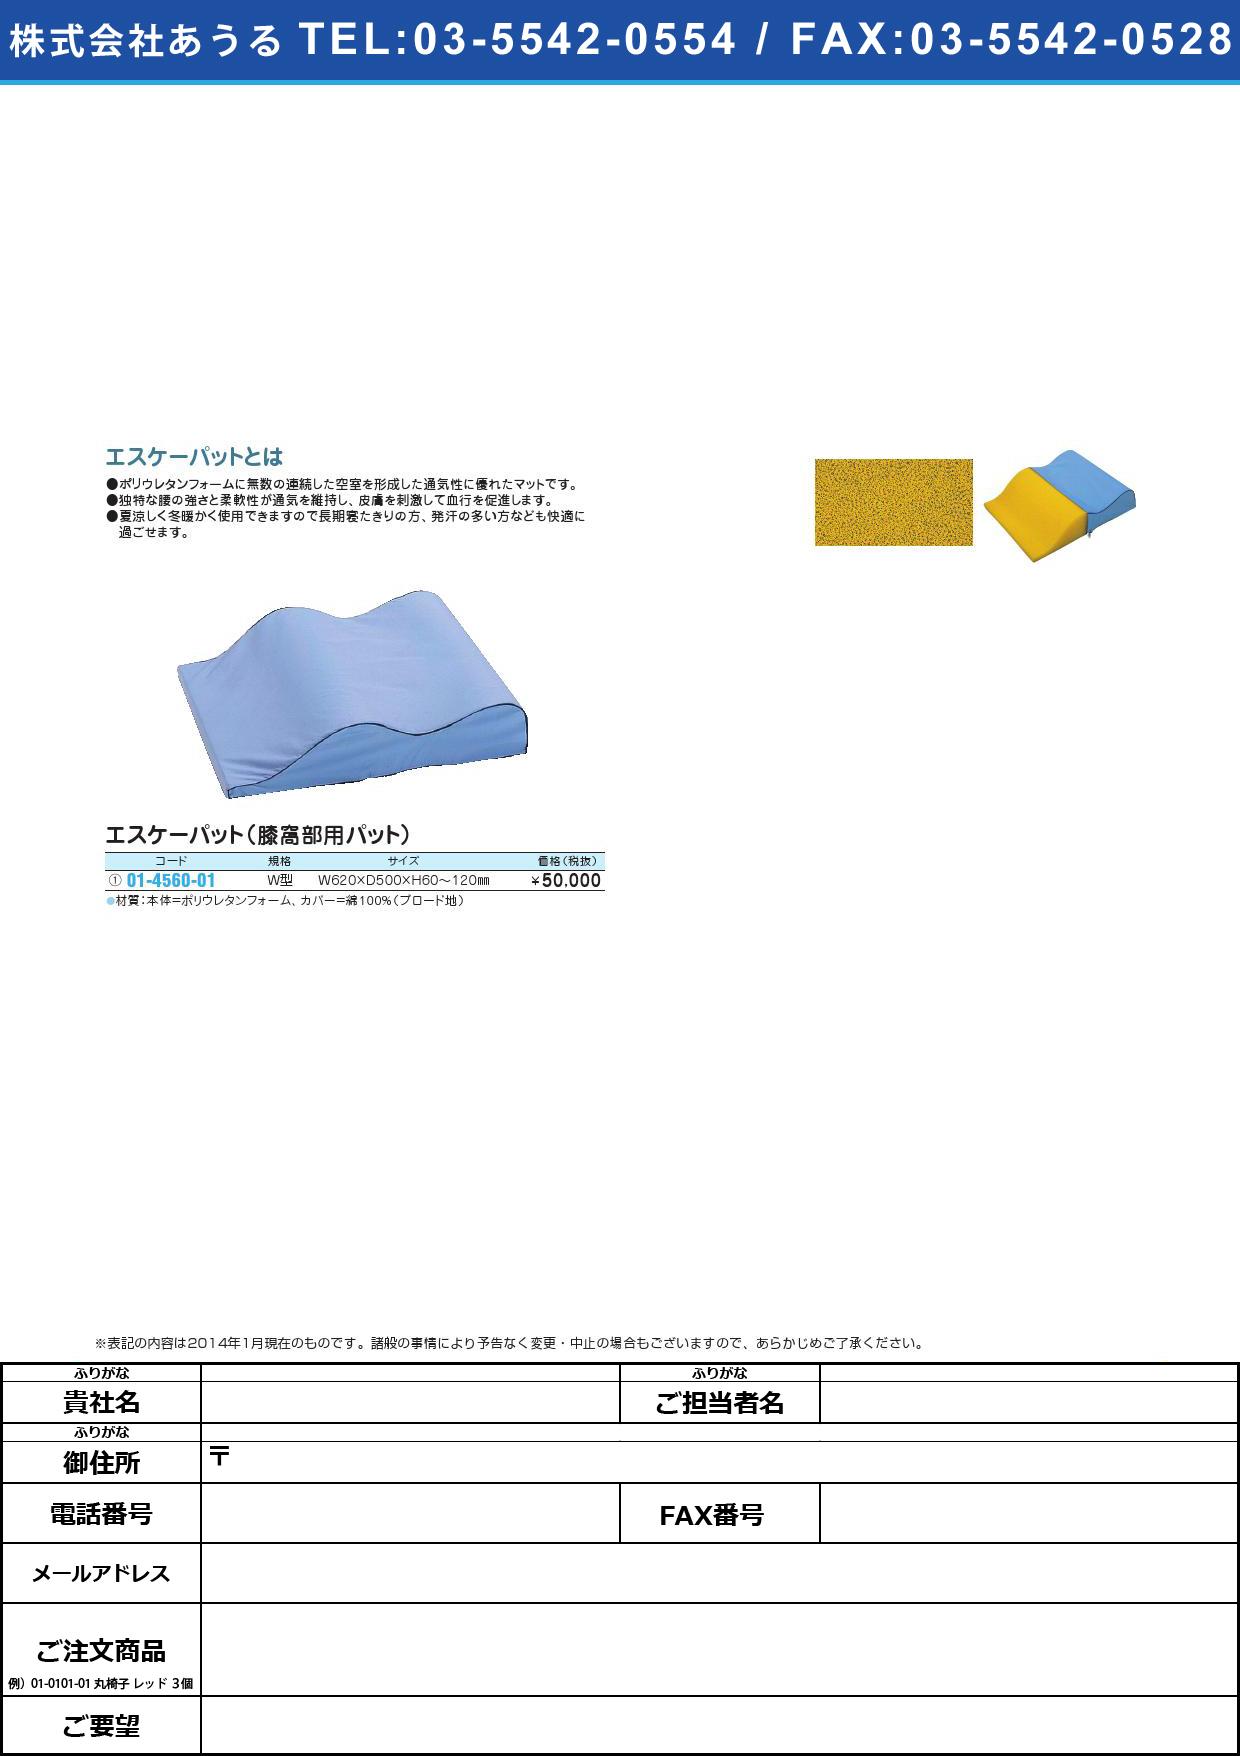 エスケーパット(膝窩部用パット) エスケーパット(01-4560-01)Wガタ【1個単位】